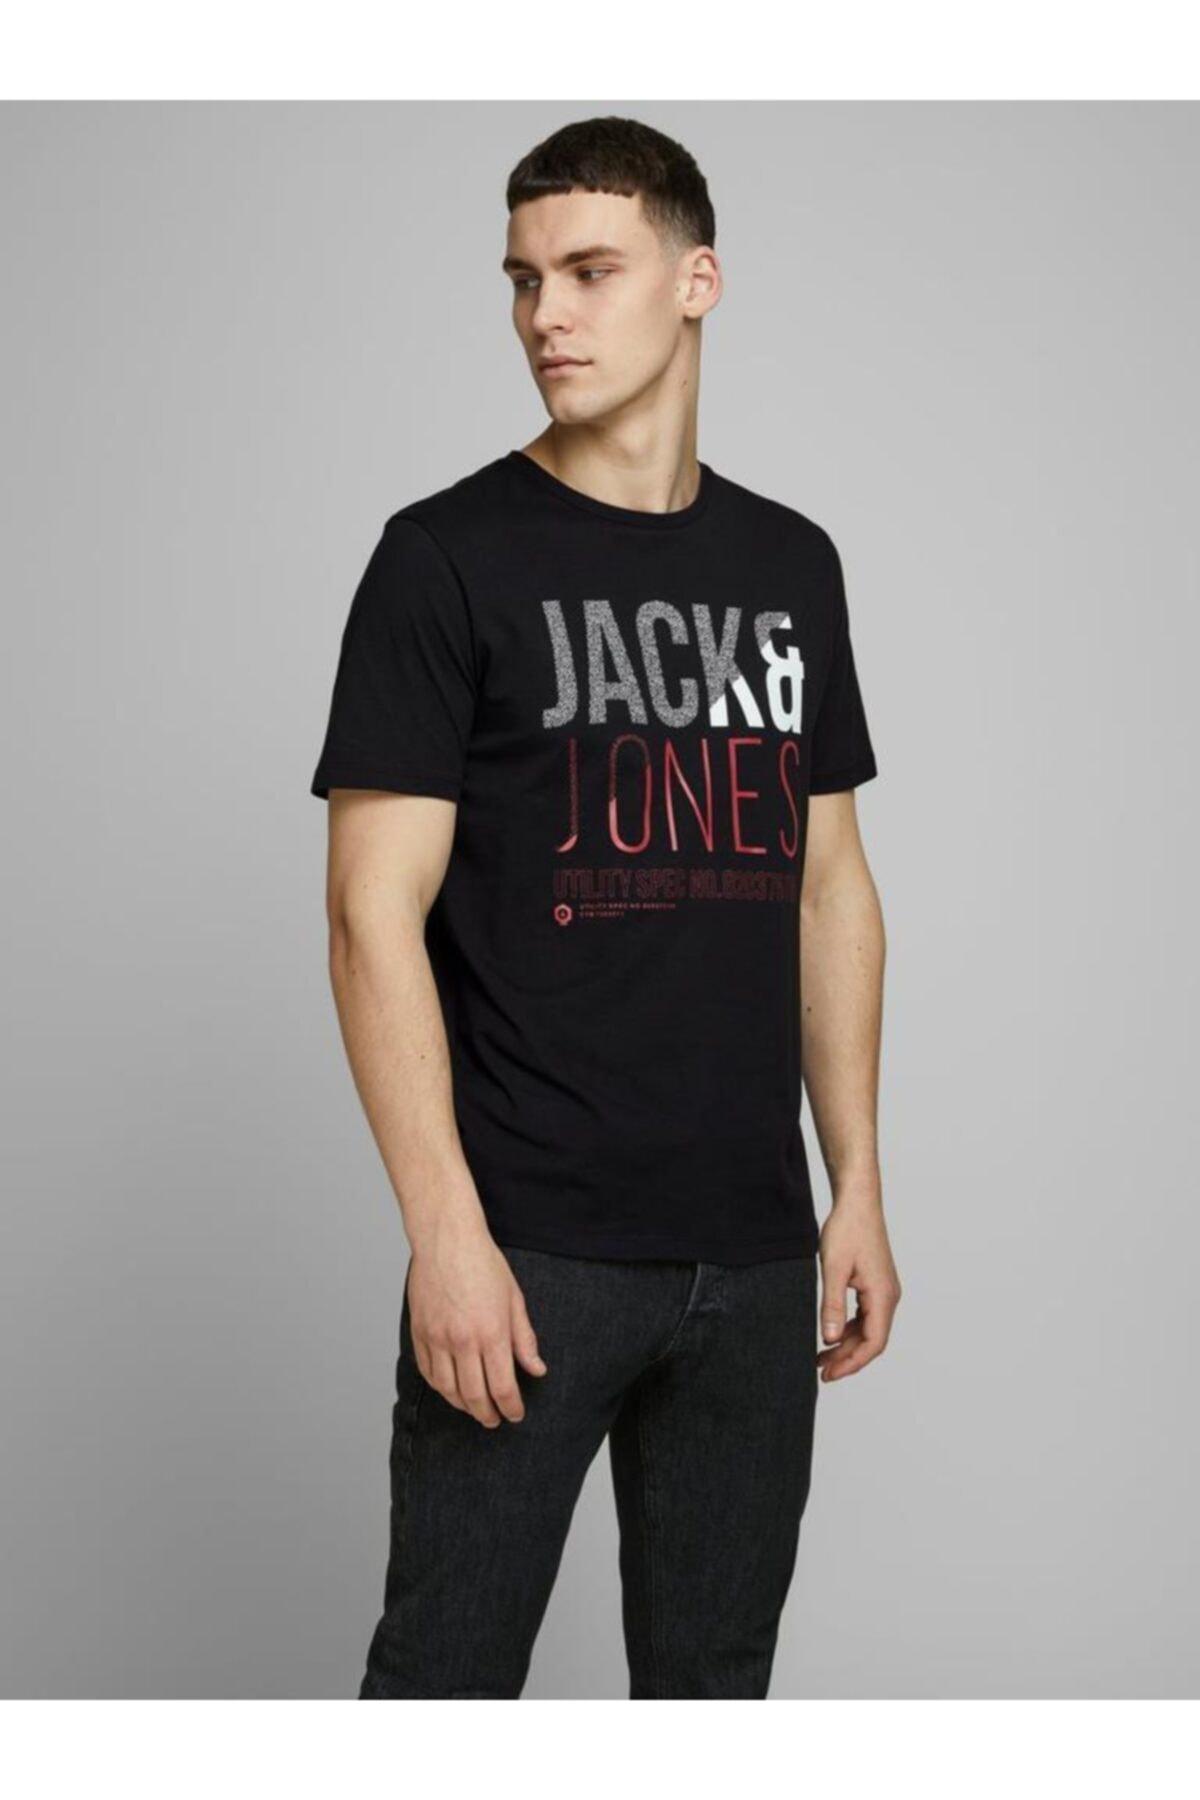 Jack & Jones Erkek Lacivert Baskılı T Shirt 12172215 1